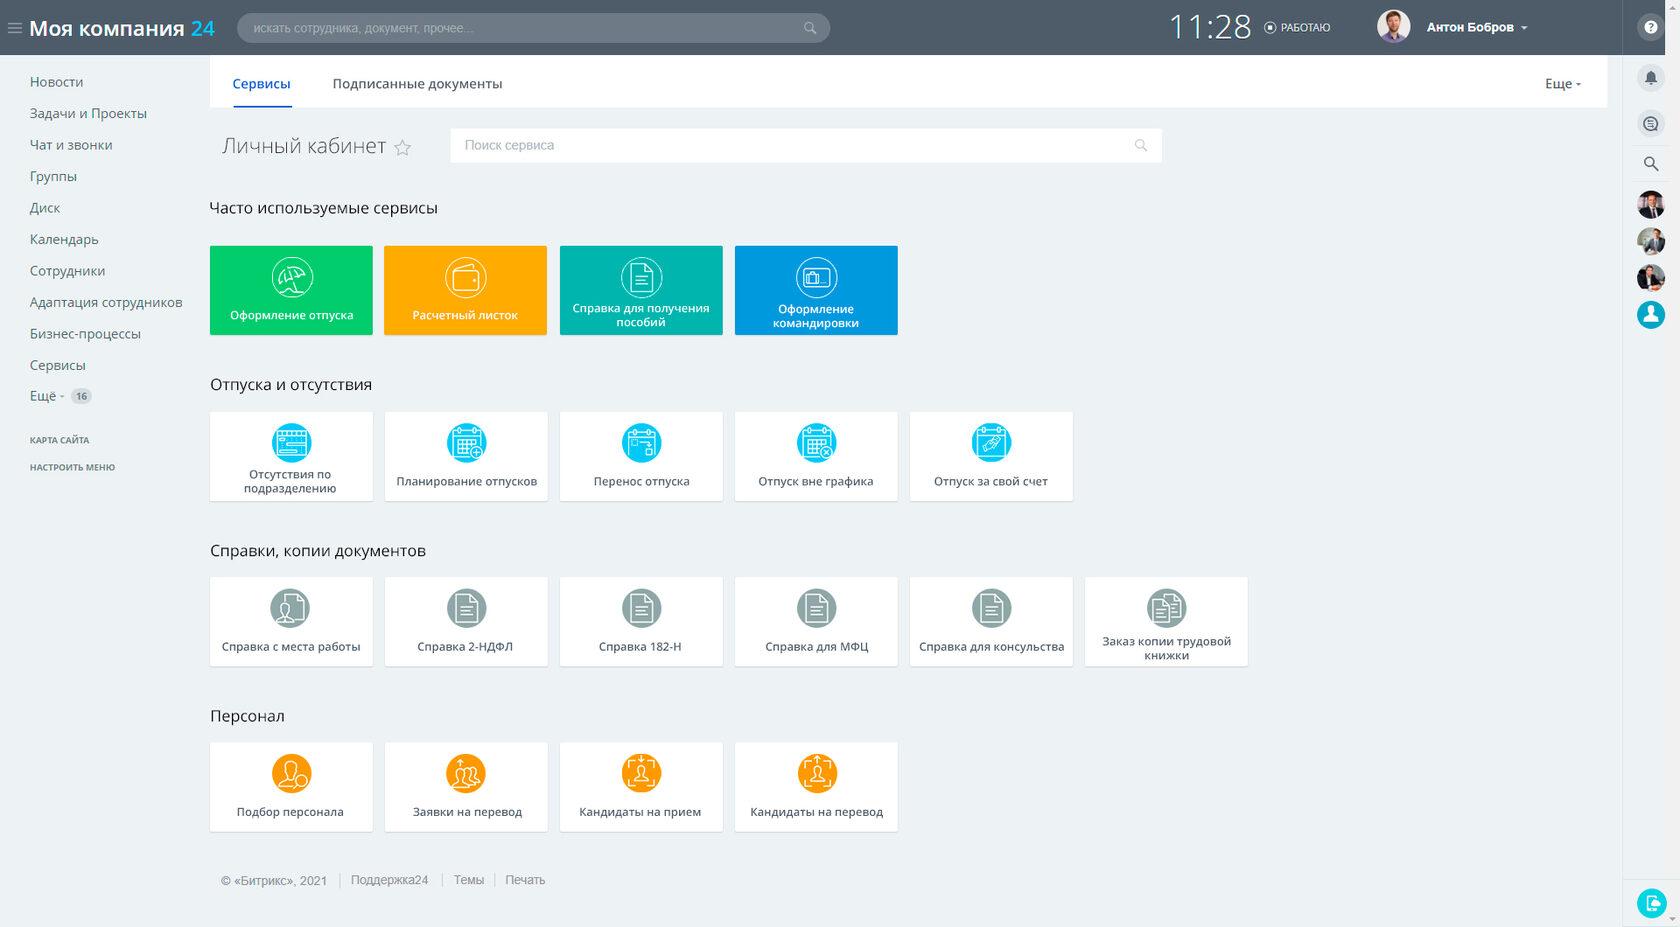 Заявки и сервисы на портале